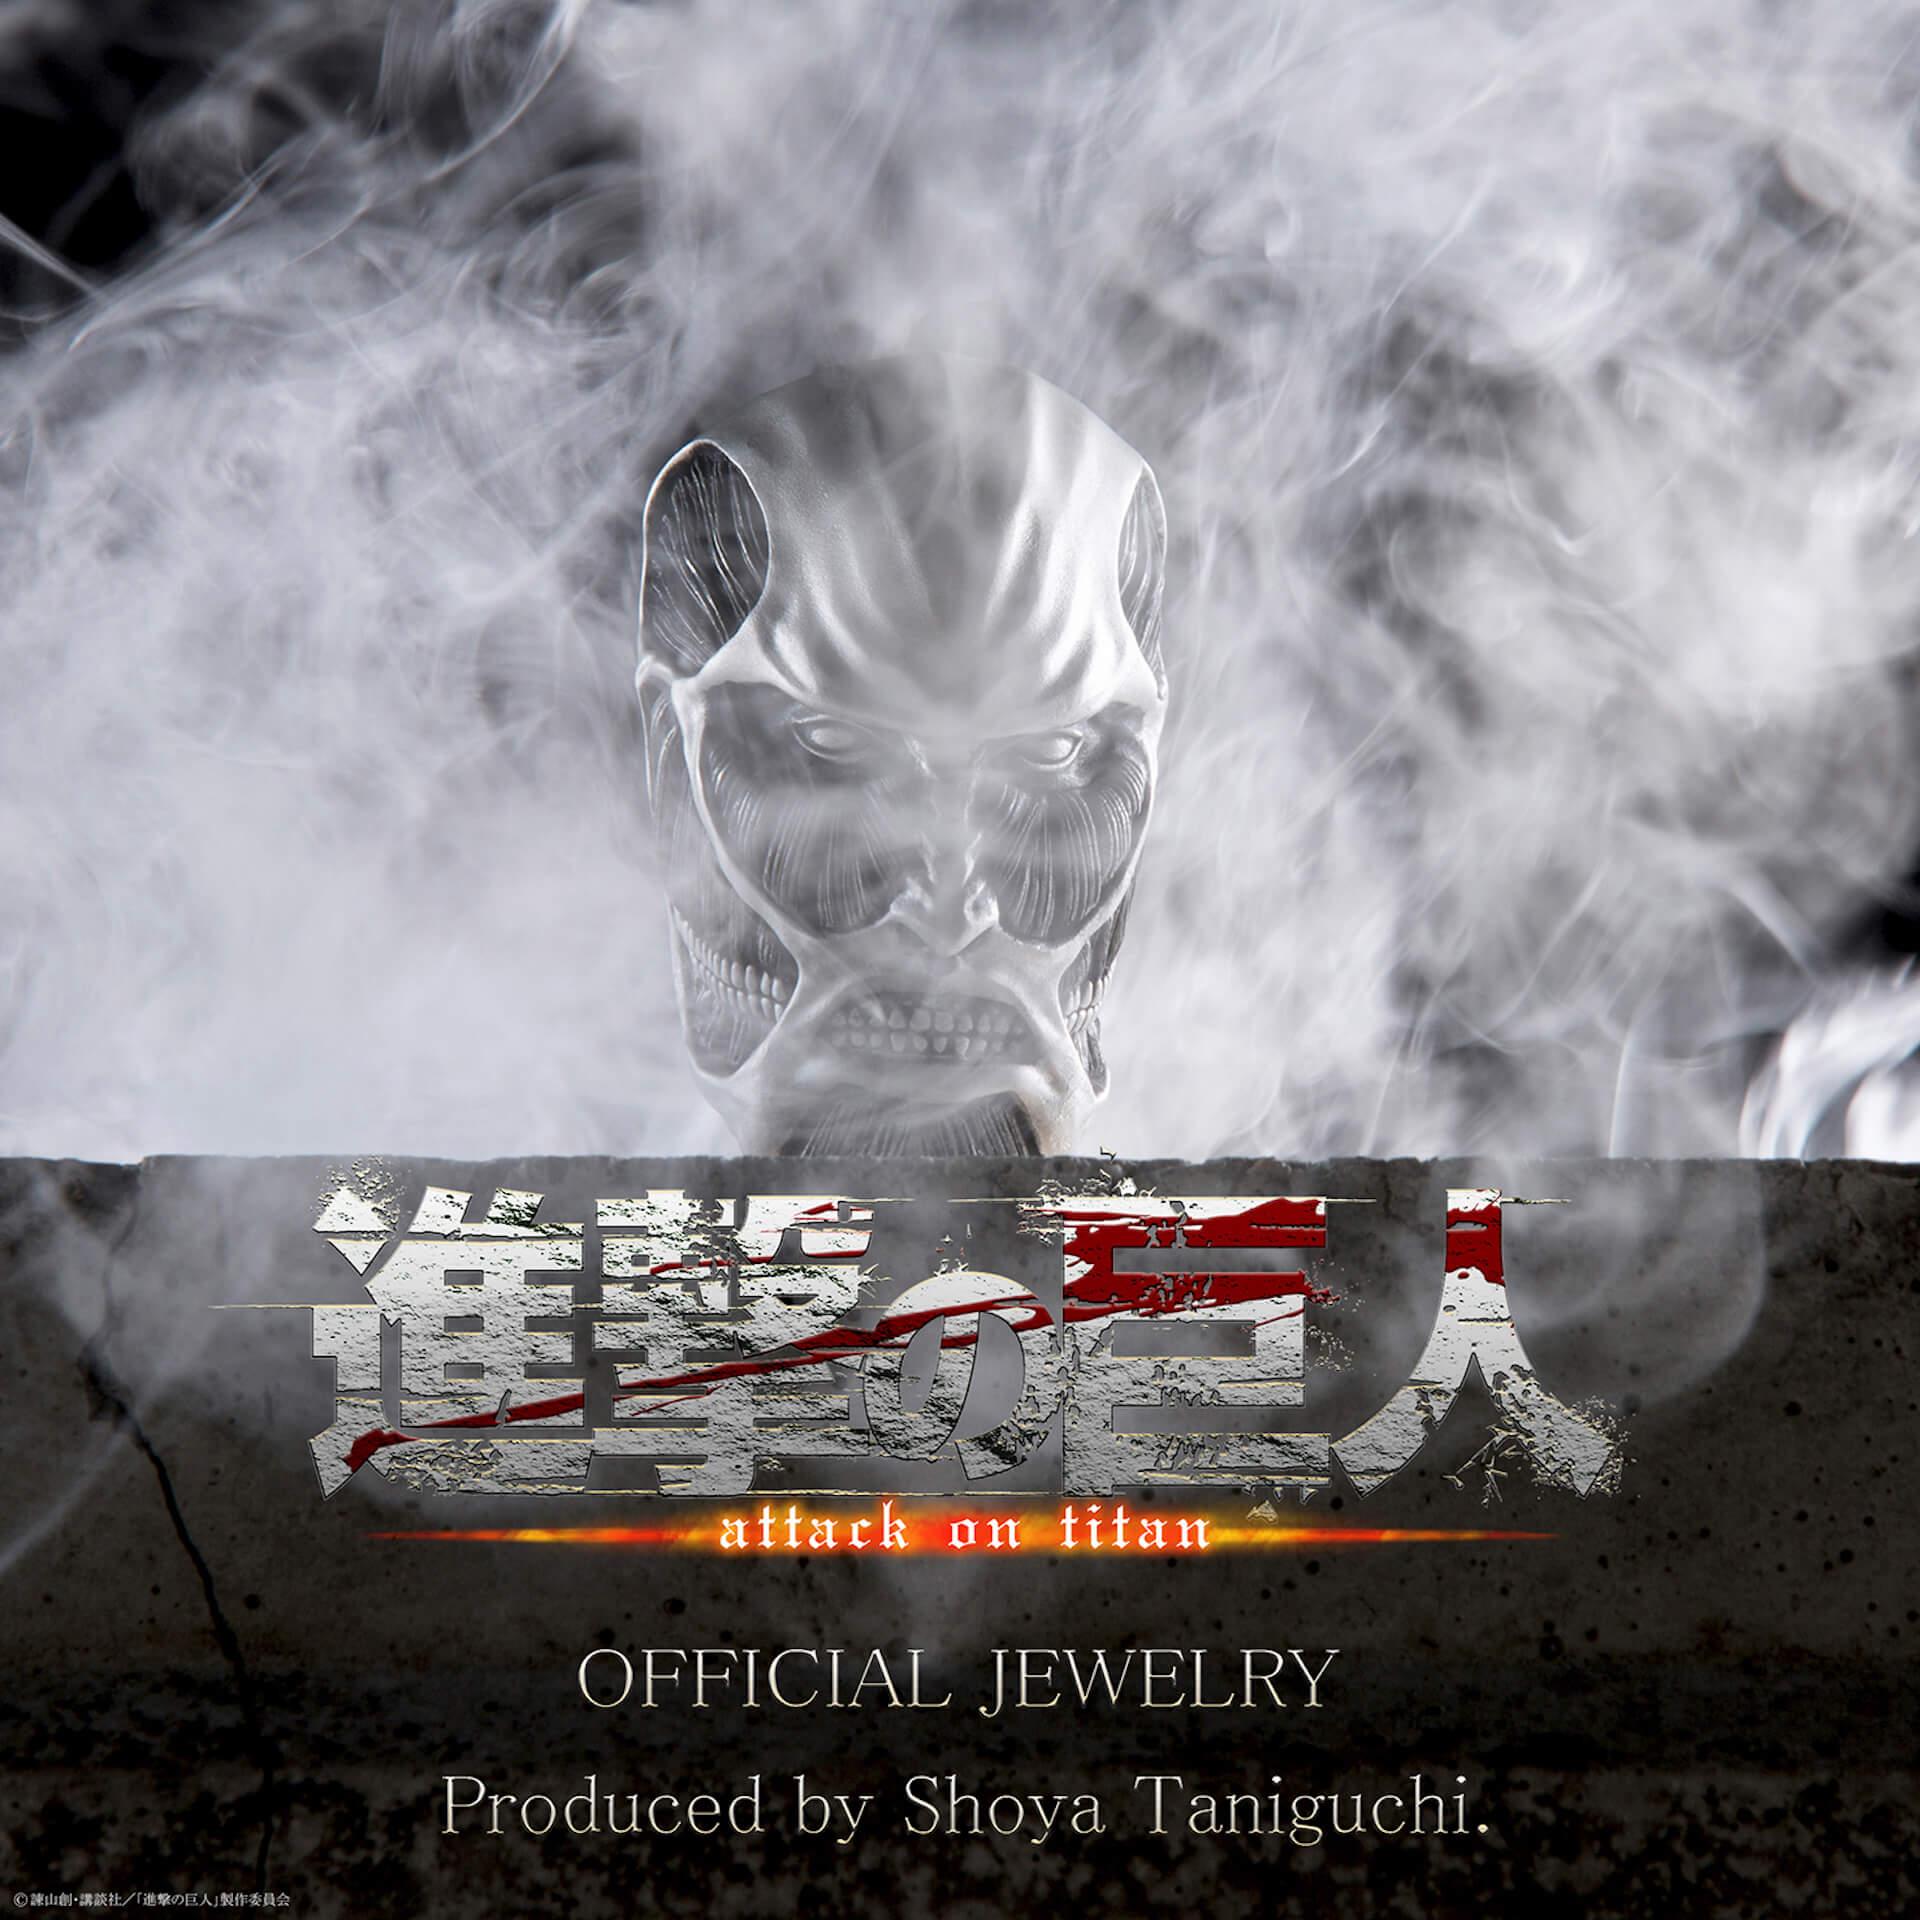 「進撃の巨人」巨人があなたの指に......|超大型巨人の顔を模したリングが20点限定発売 art191011_shingekinokyojin_ring_1